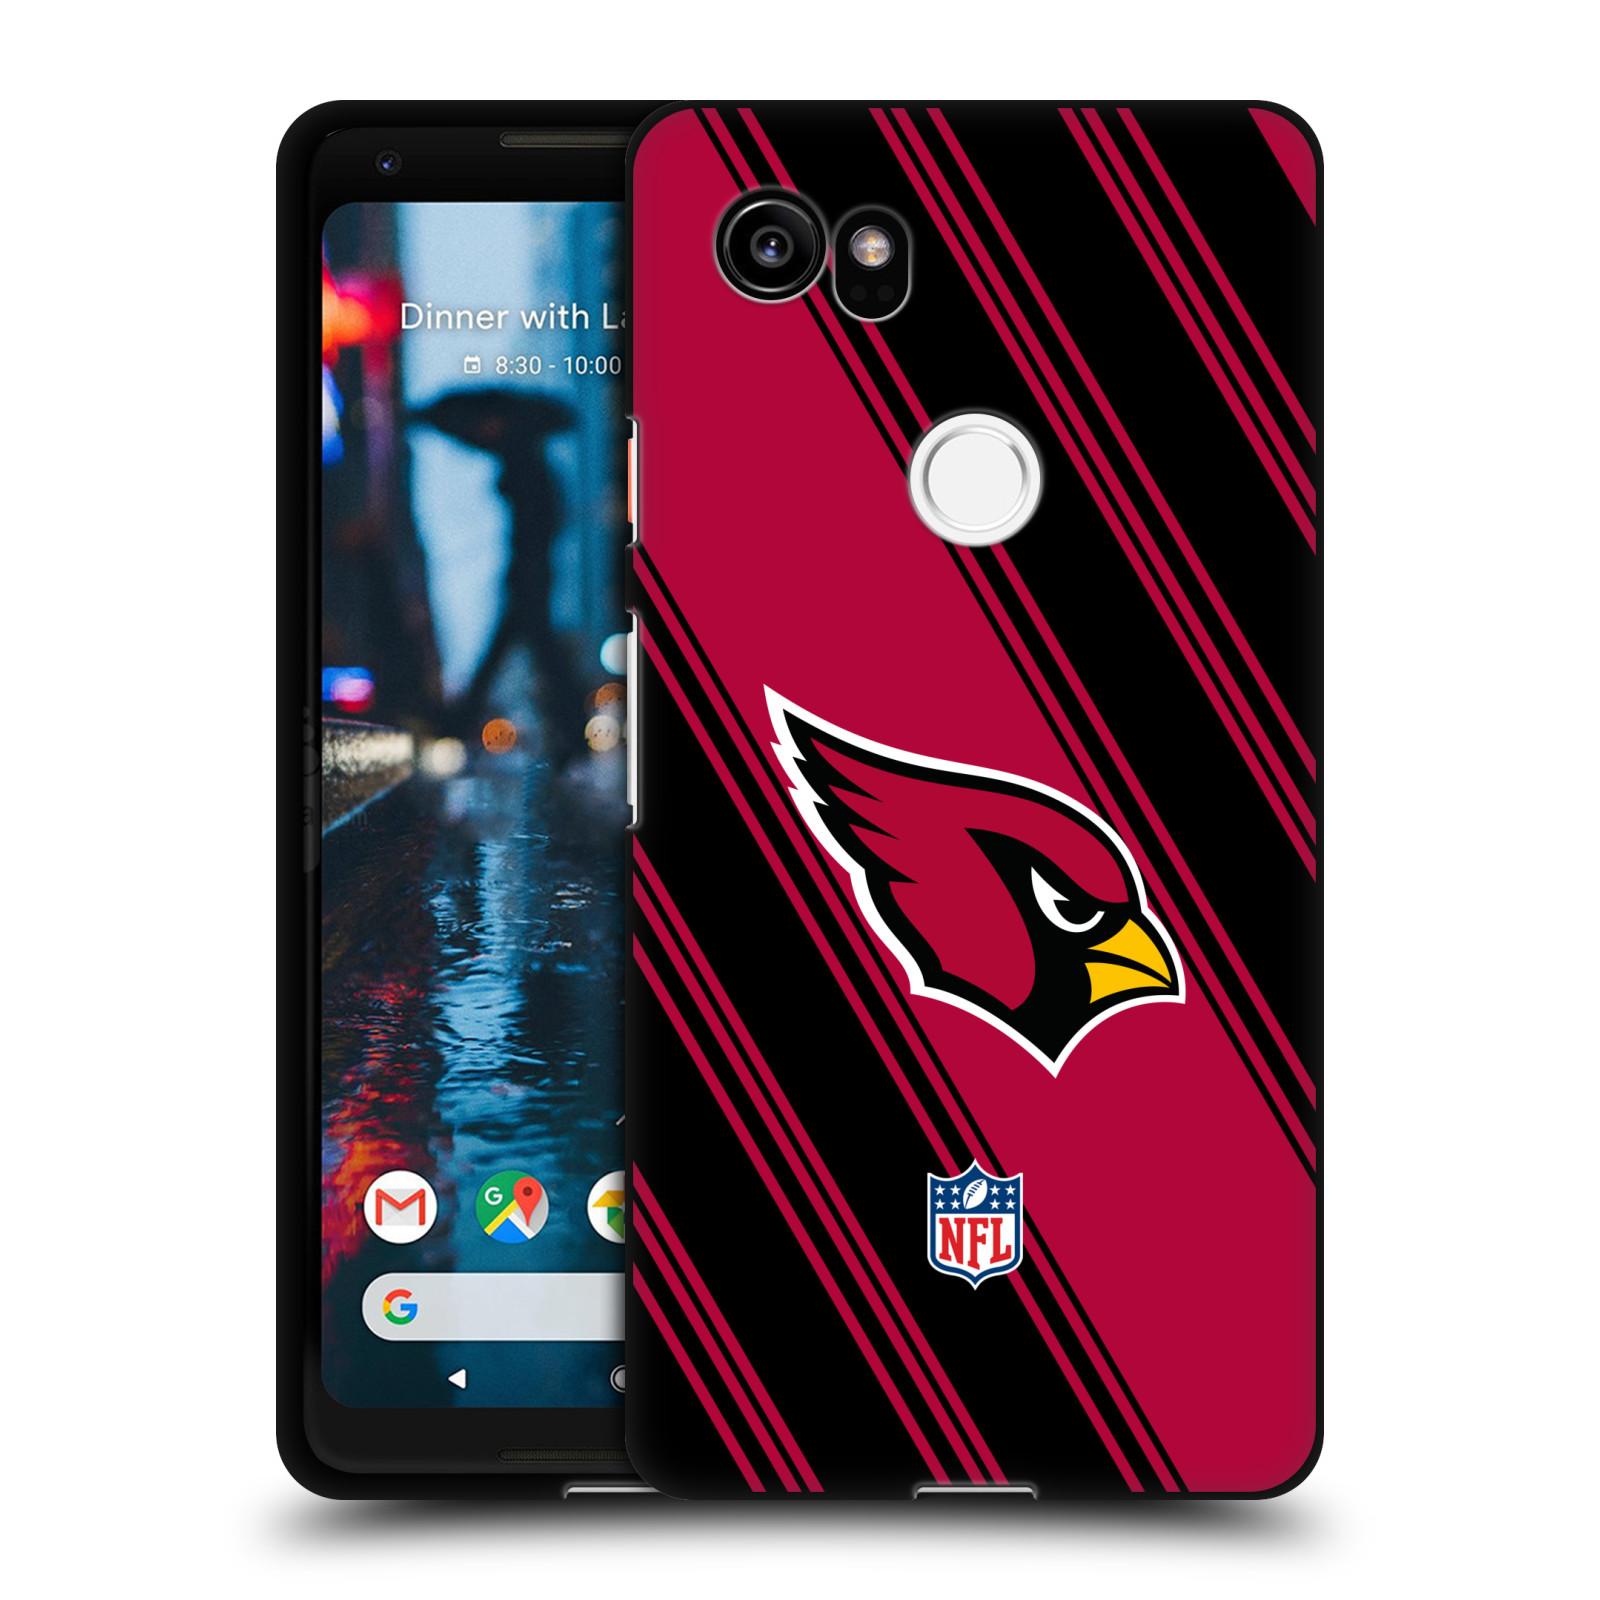 OFFICIAL-NFL-2017-18-ARIZONA-CARDINALS-BLACK-SOFT-GEL-CASE-FOR-GOOGLE-PHONES